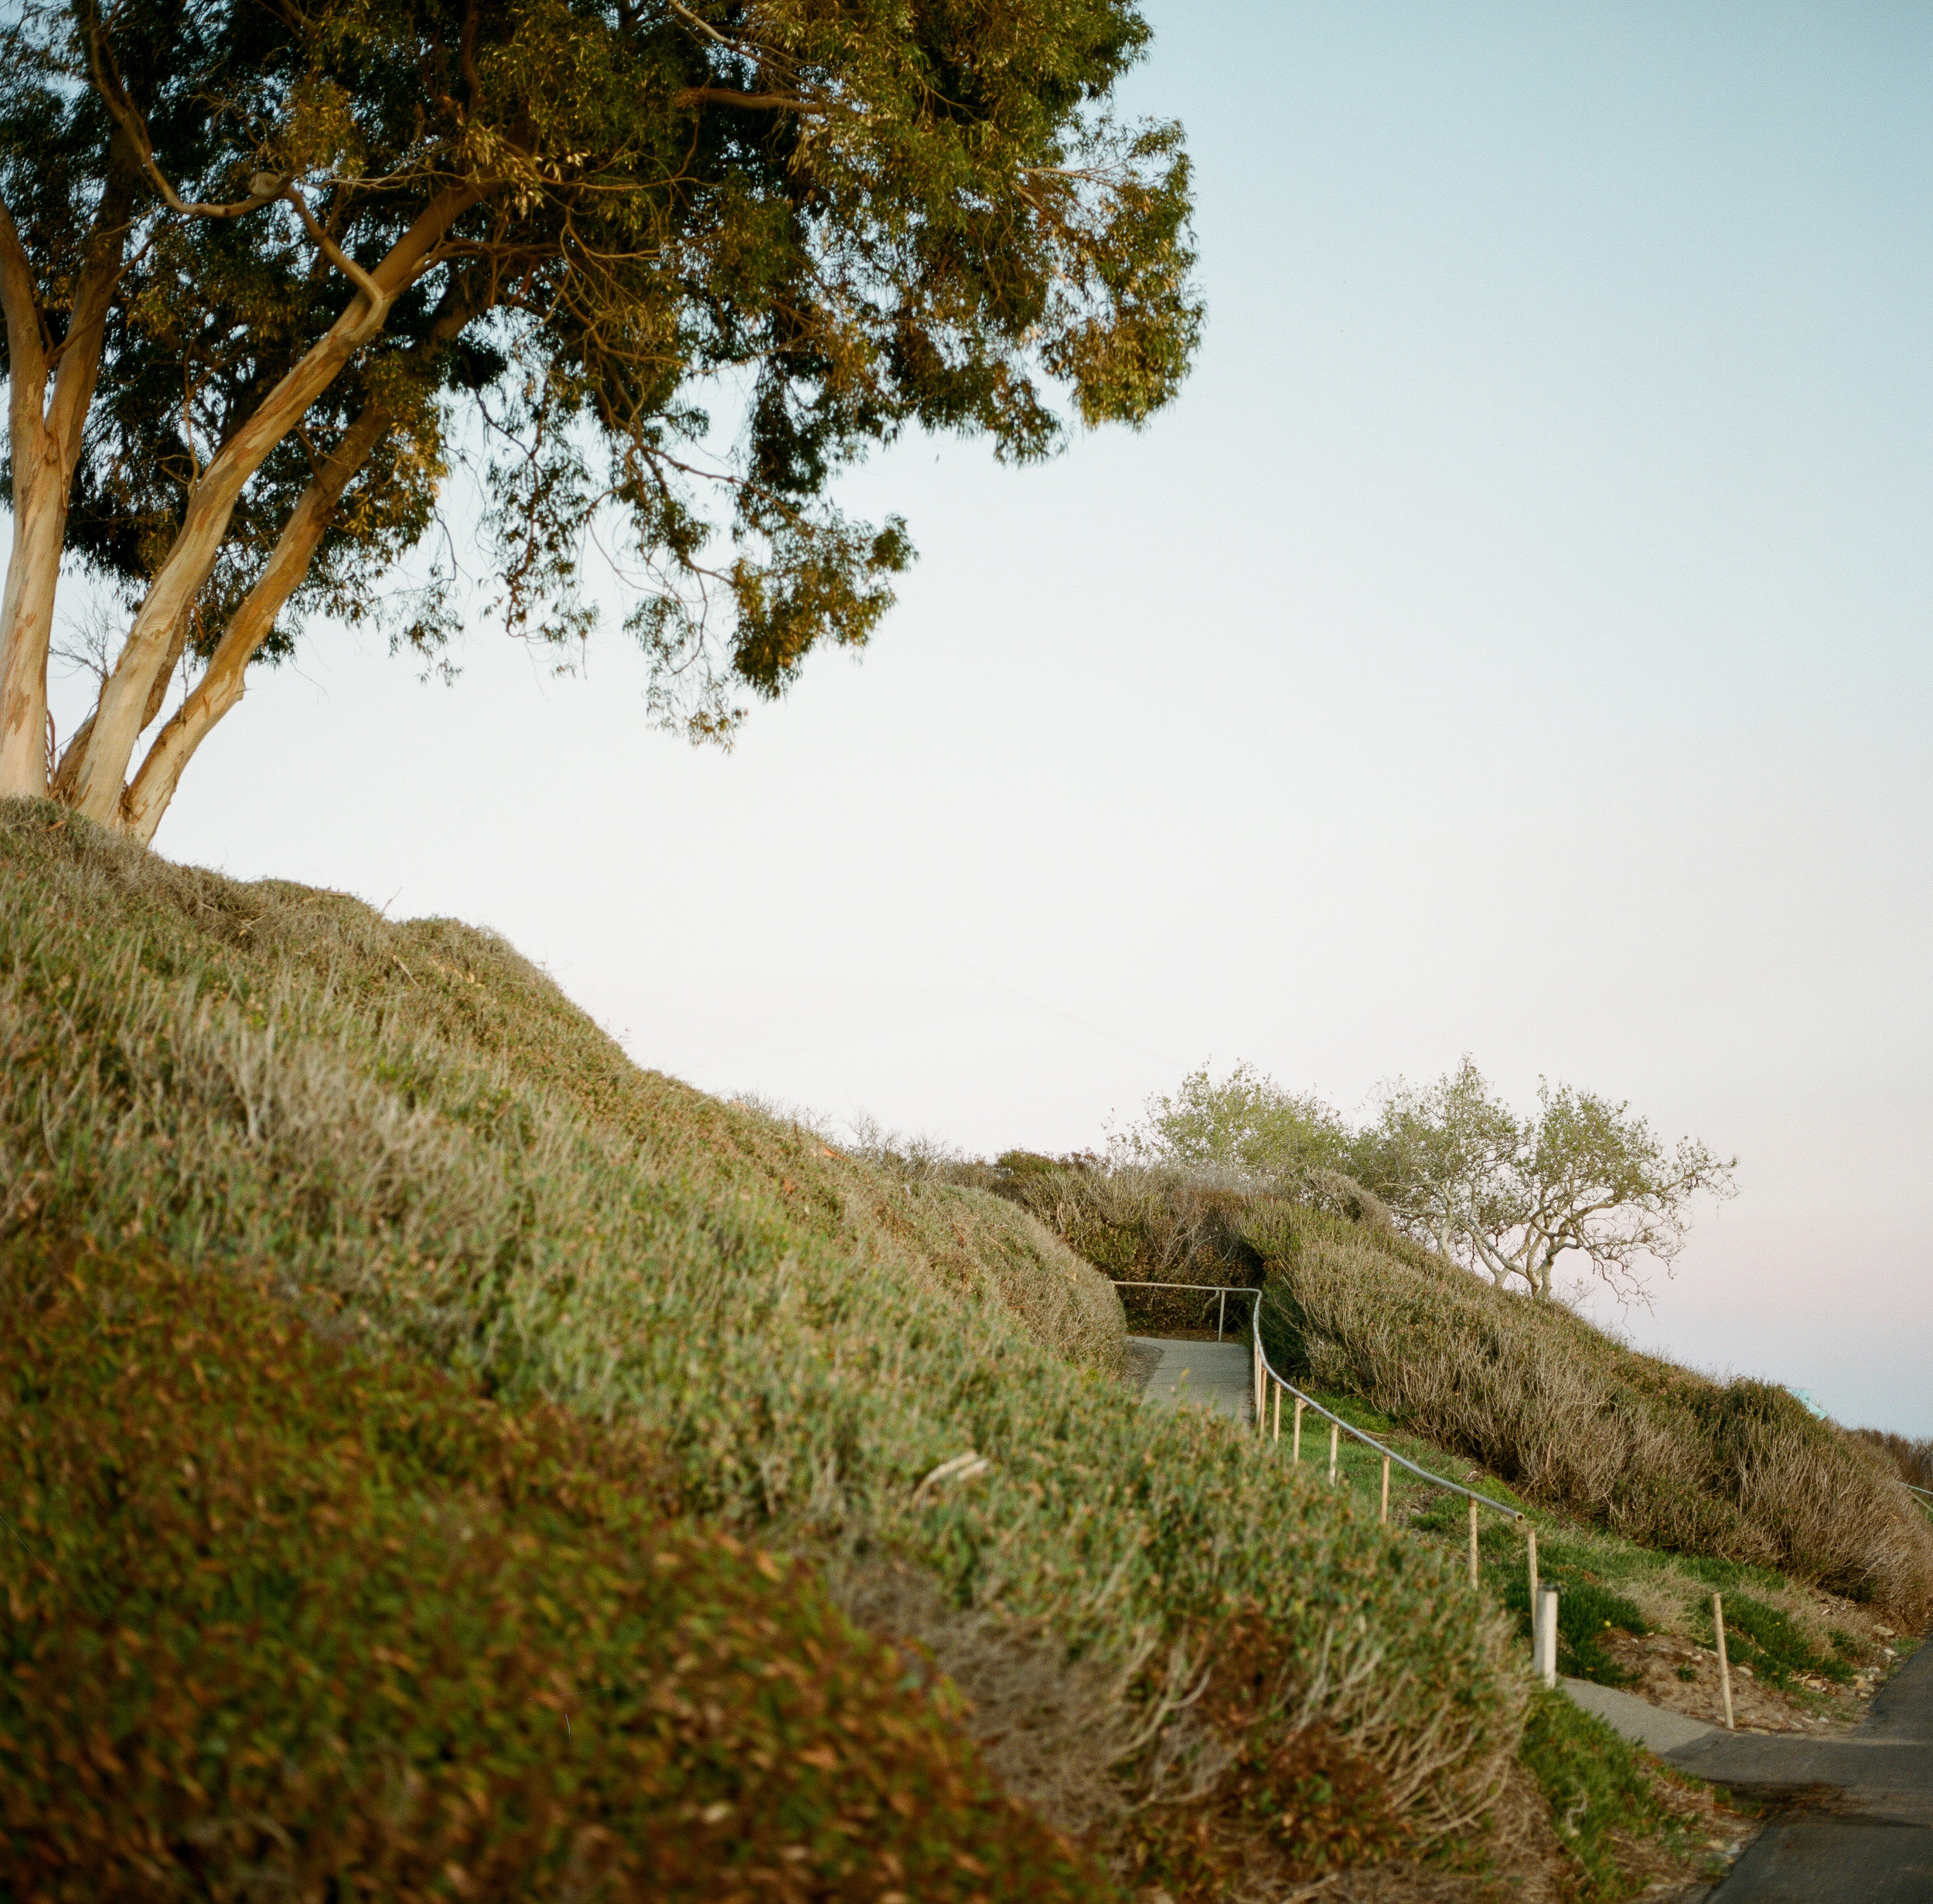 field-trip-film-5.jpg